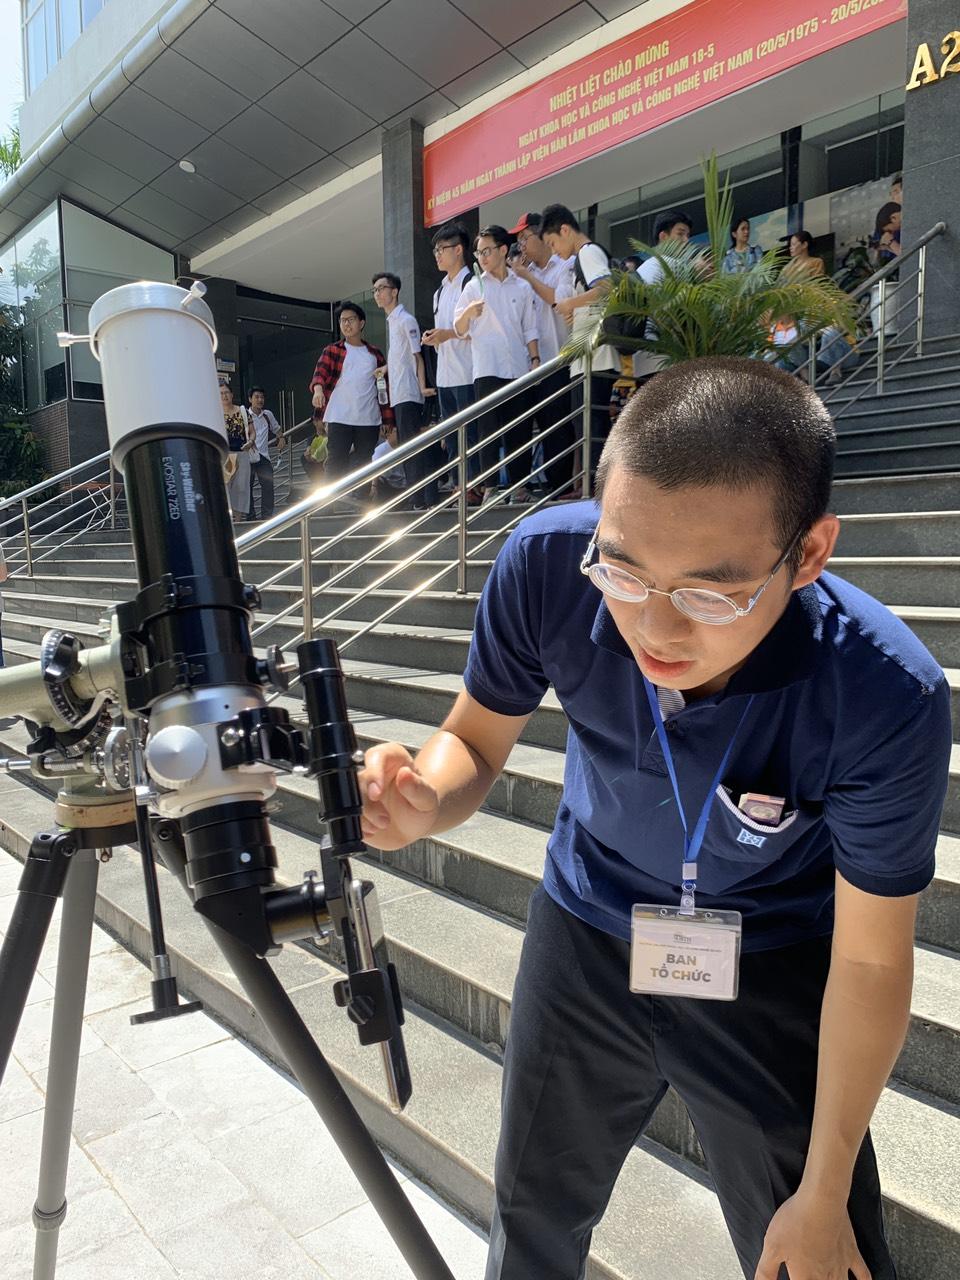 Bạn Phan Việt Dũng - Cộng đồng Vật lý thiên văn đang chỉnh lại kính thiên văn để việc quan sát được dễ dàng.